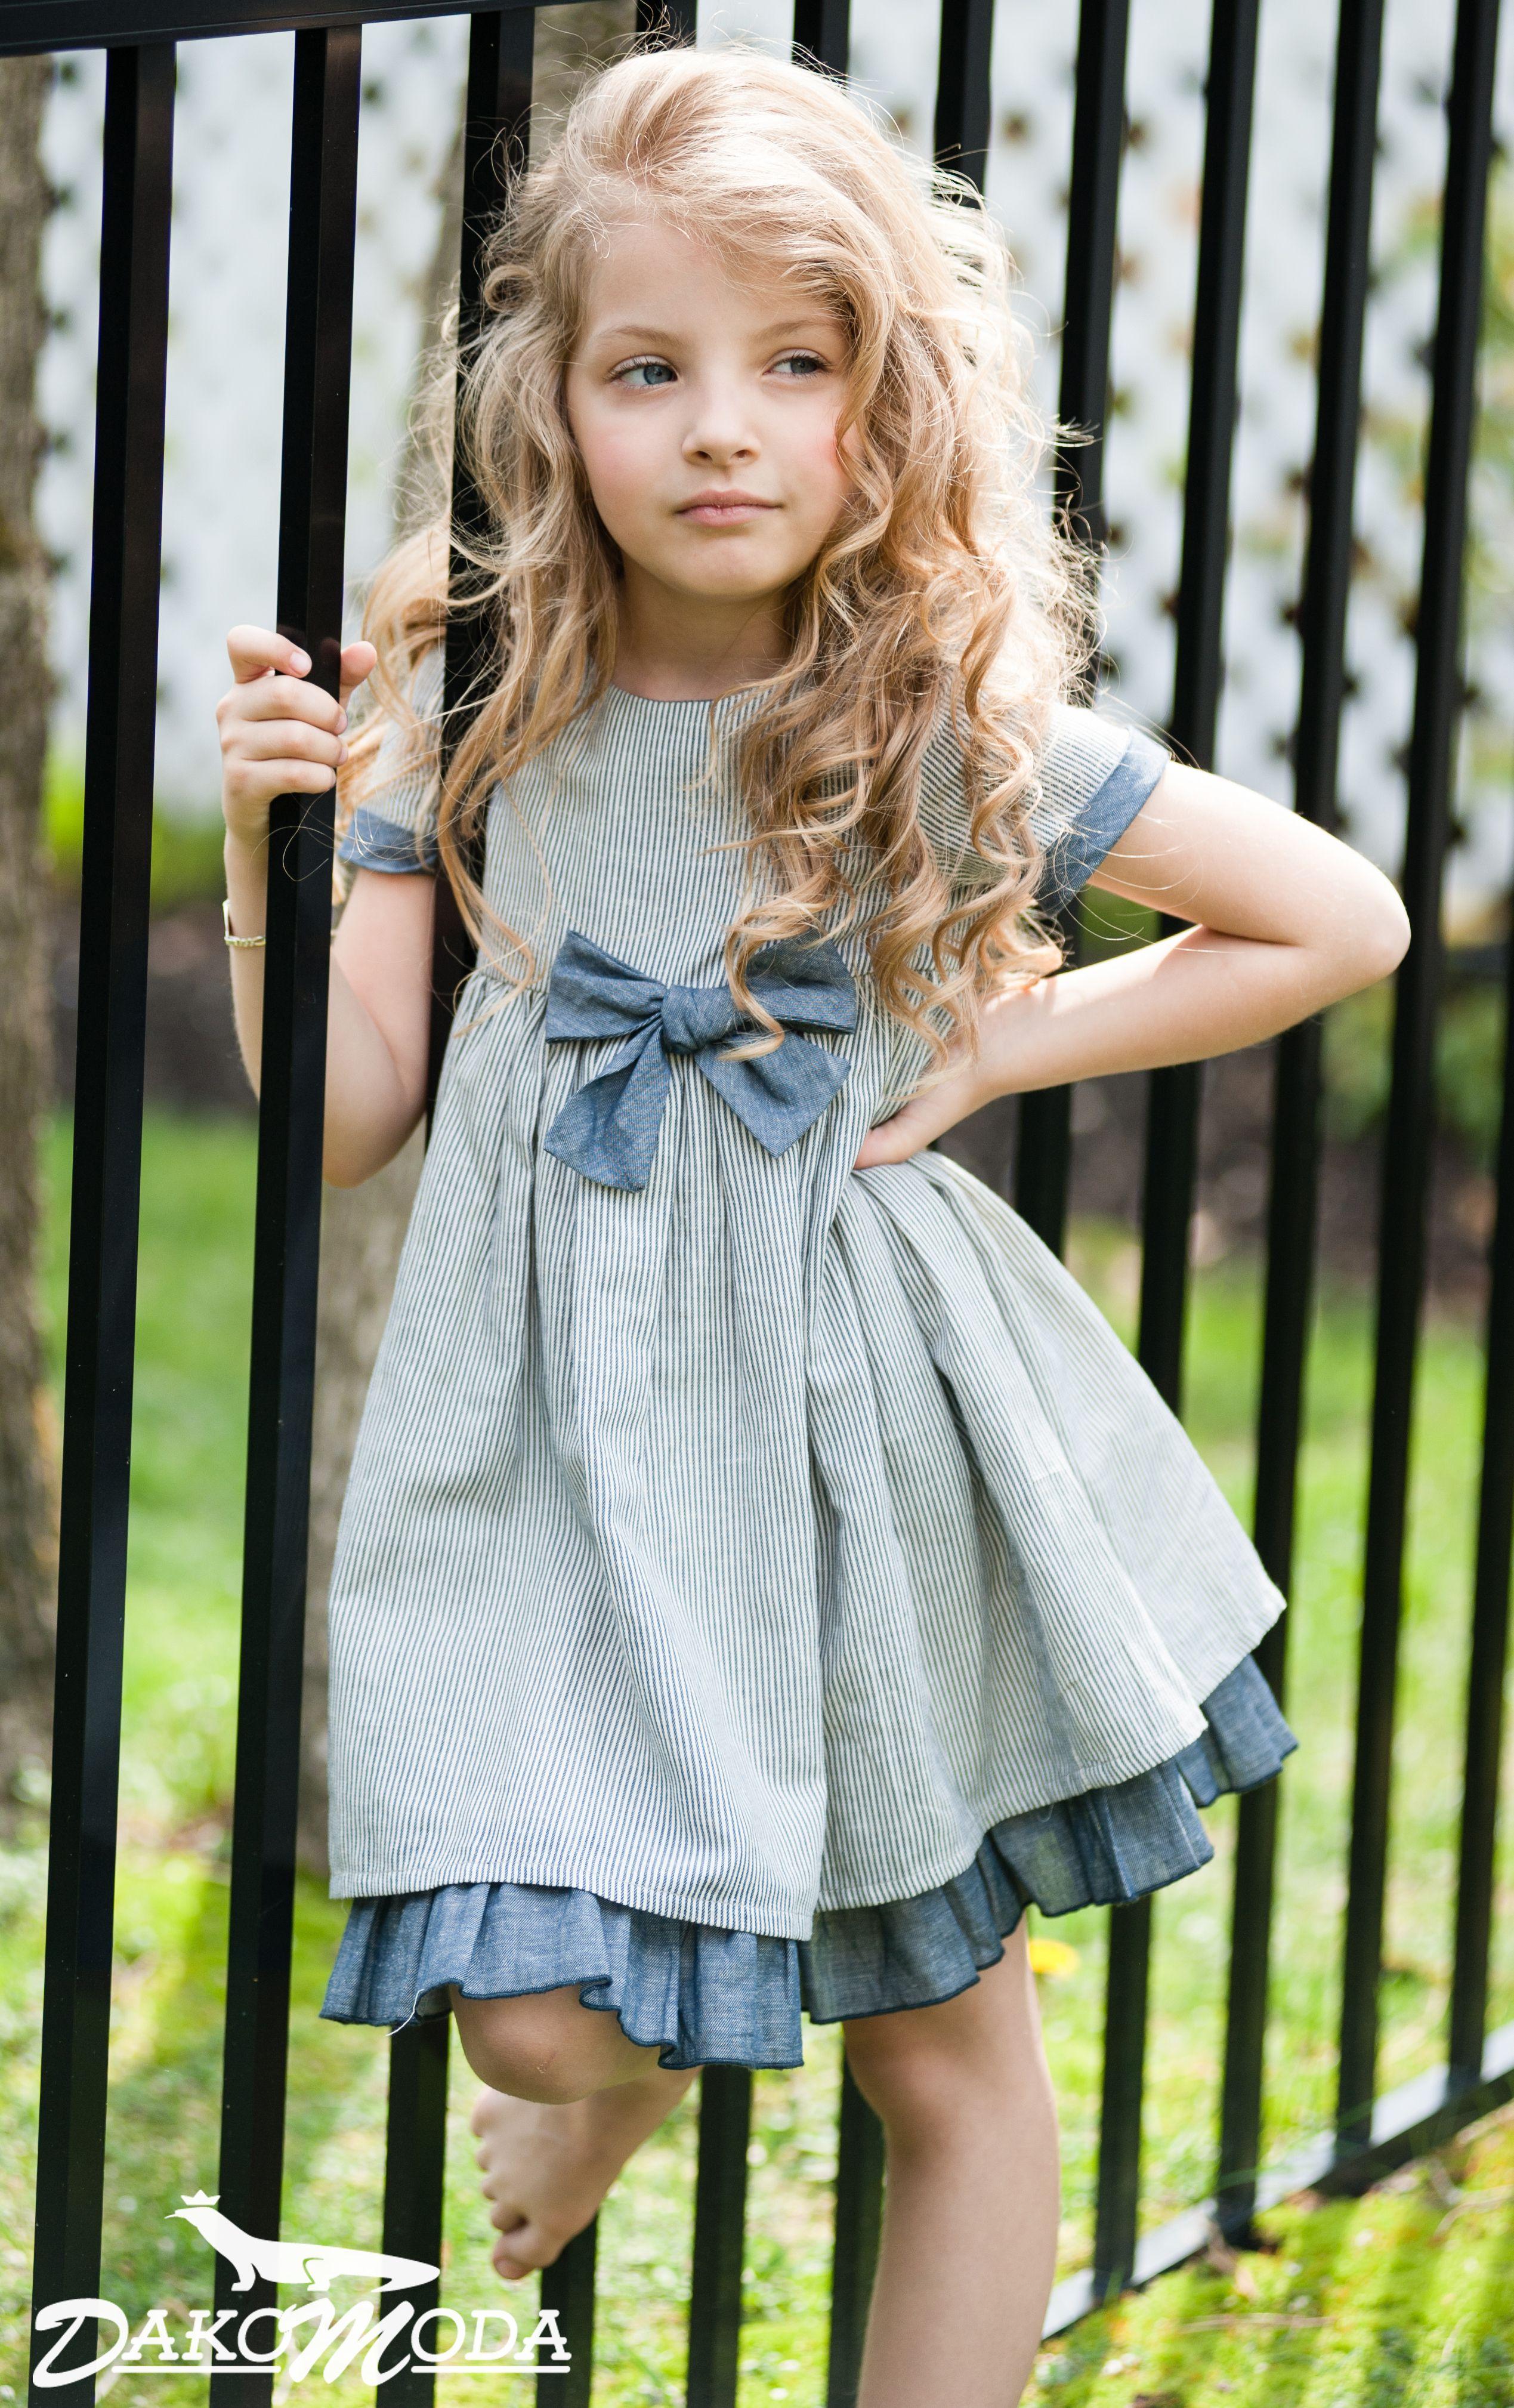 9a5f58f83 Striped Bow Party Dress  Dakomoda